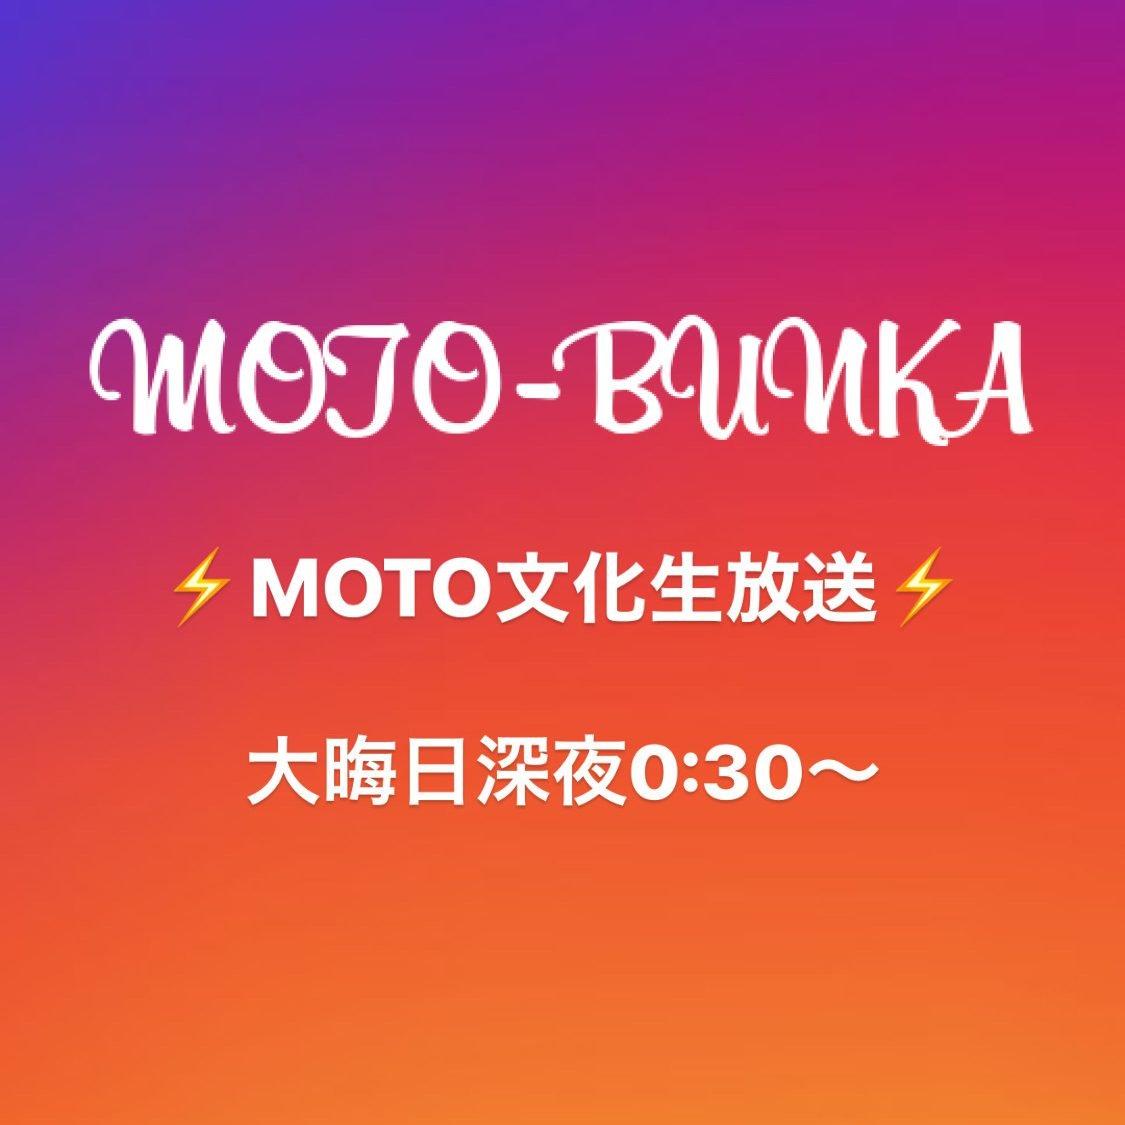 インスタライブで生放送Q&A企画|MOTO文化放送